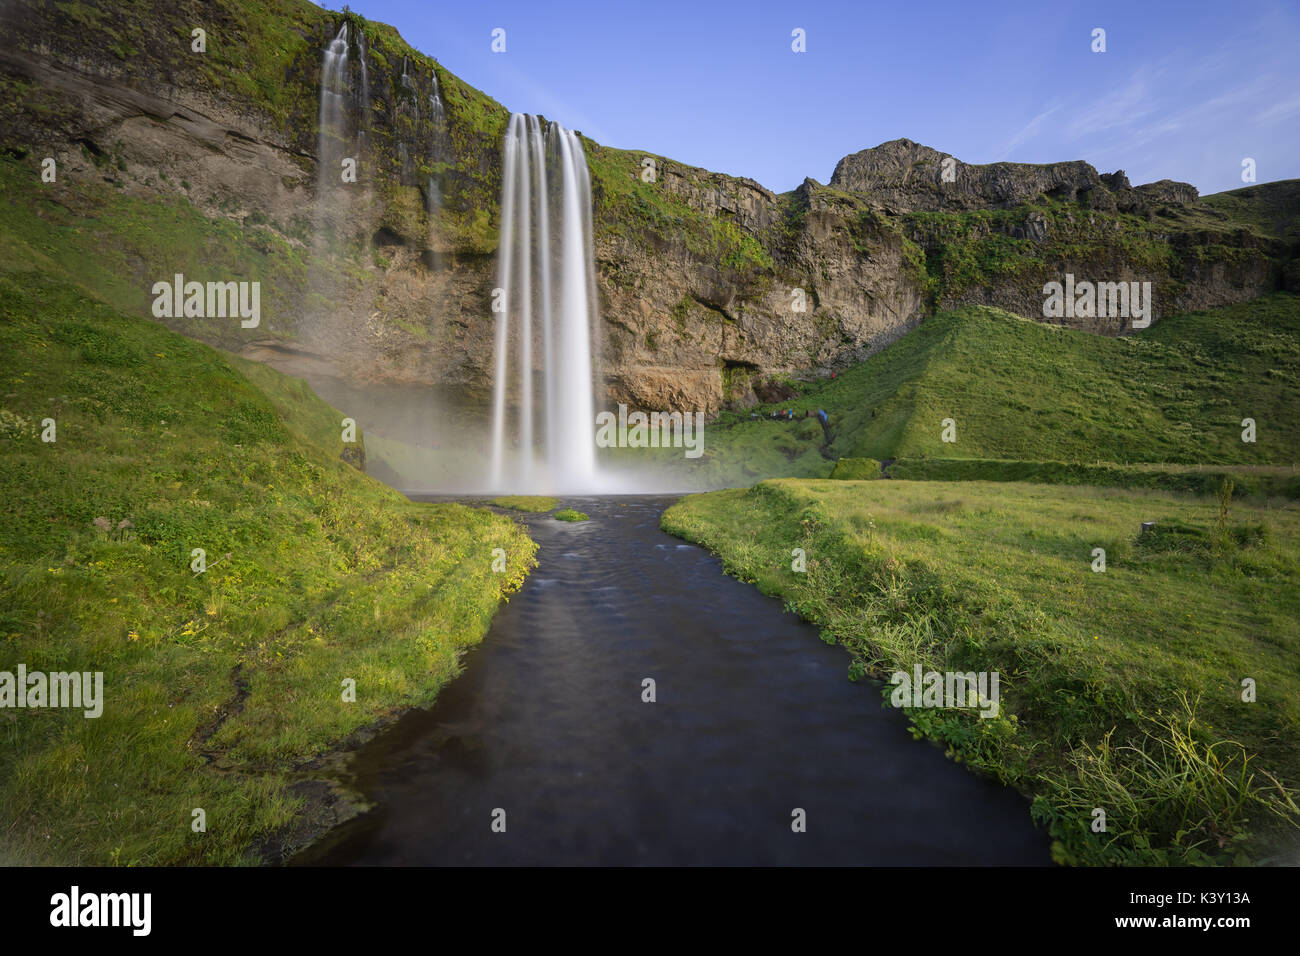 Cascada de Seljalandsfoss, Islandia. Foto de stock